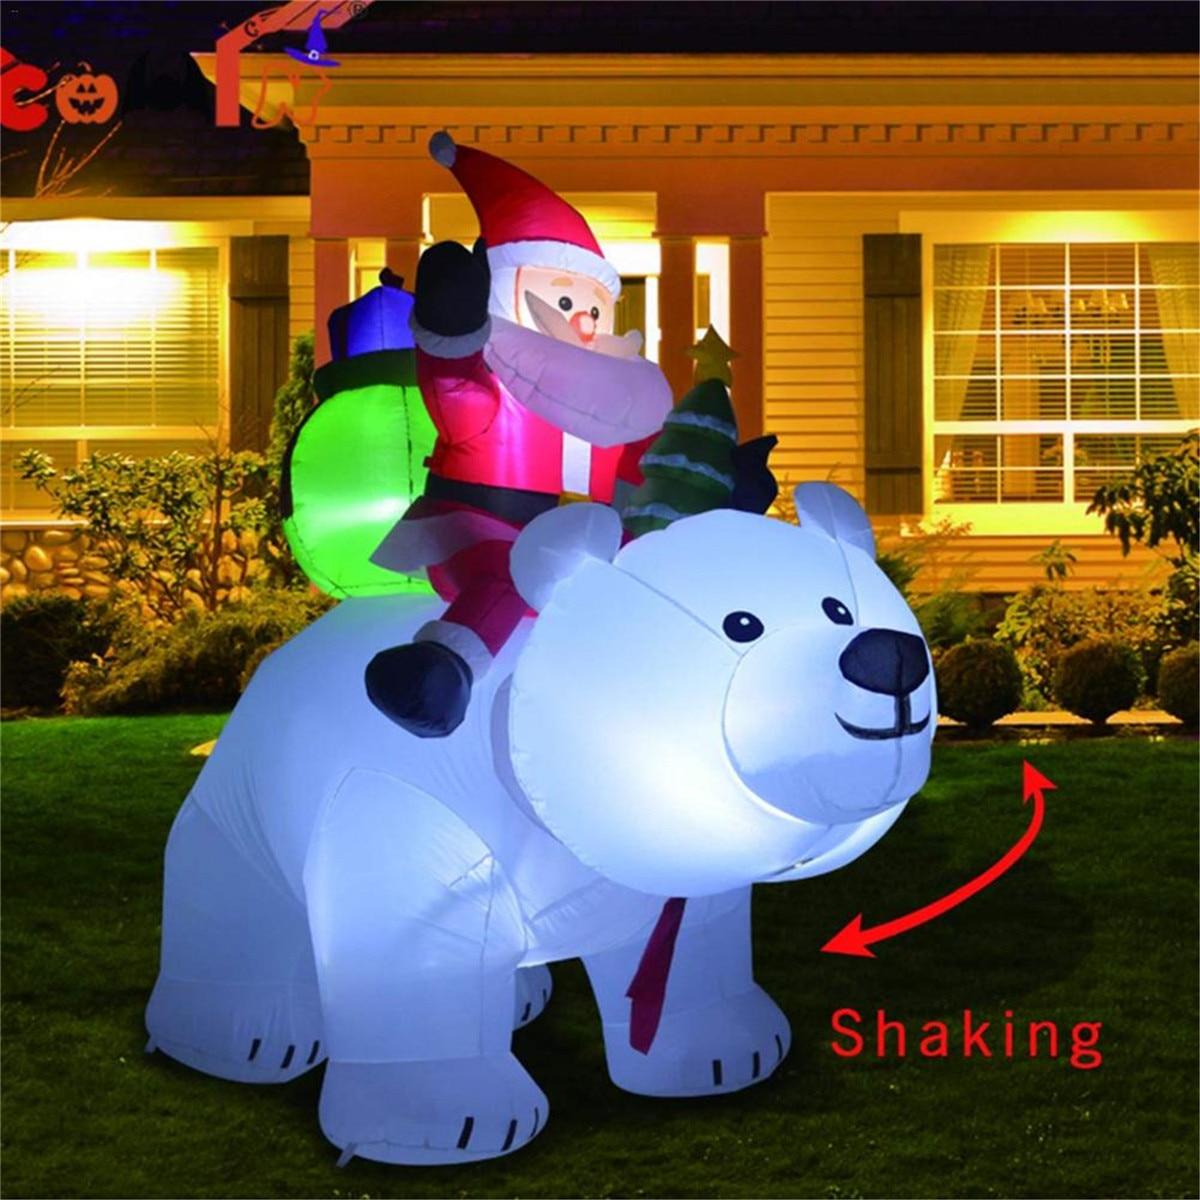 1.6m Kerstman Schoorsteen Opblaasbare Speelgoed Buiten Xmas Decor Boog Ornament Voor Kerstman EEN Kerst Kids Gift Decoraties - 3